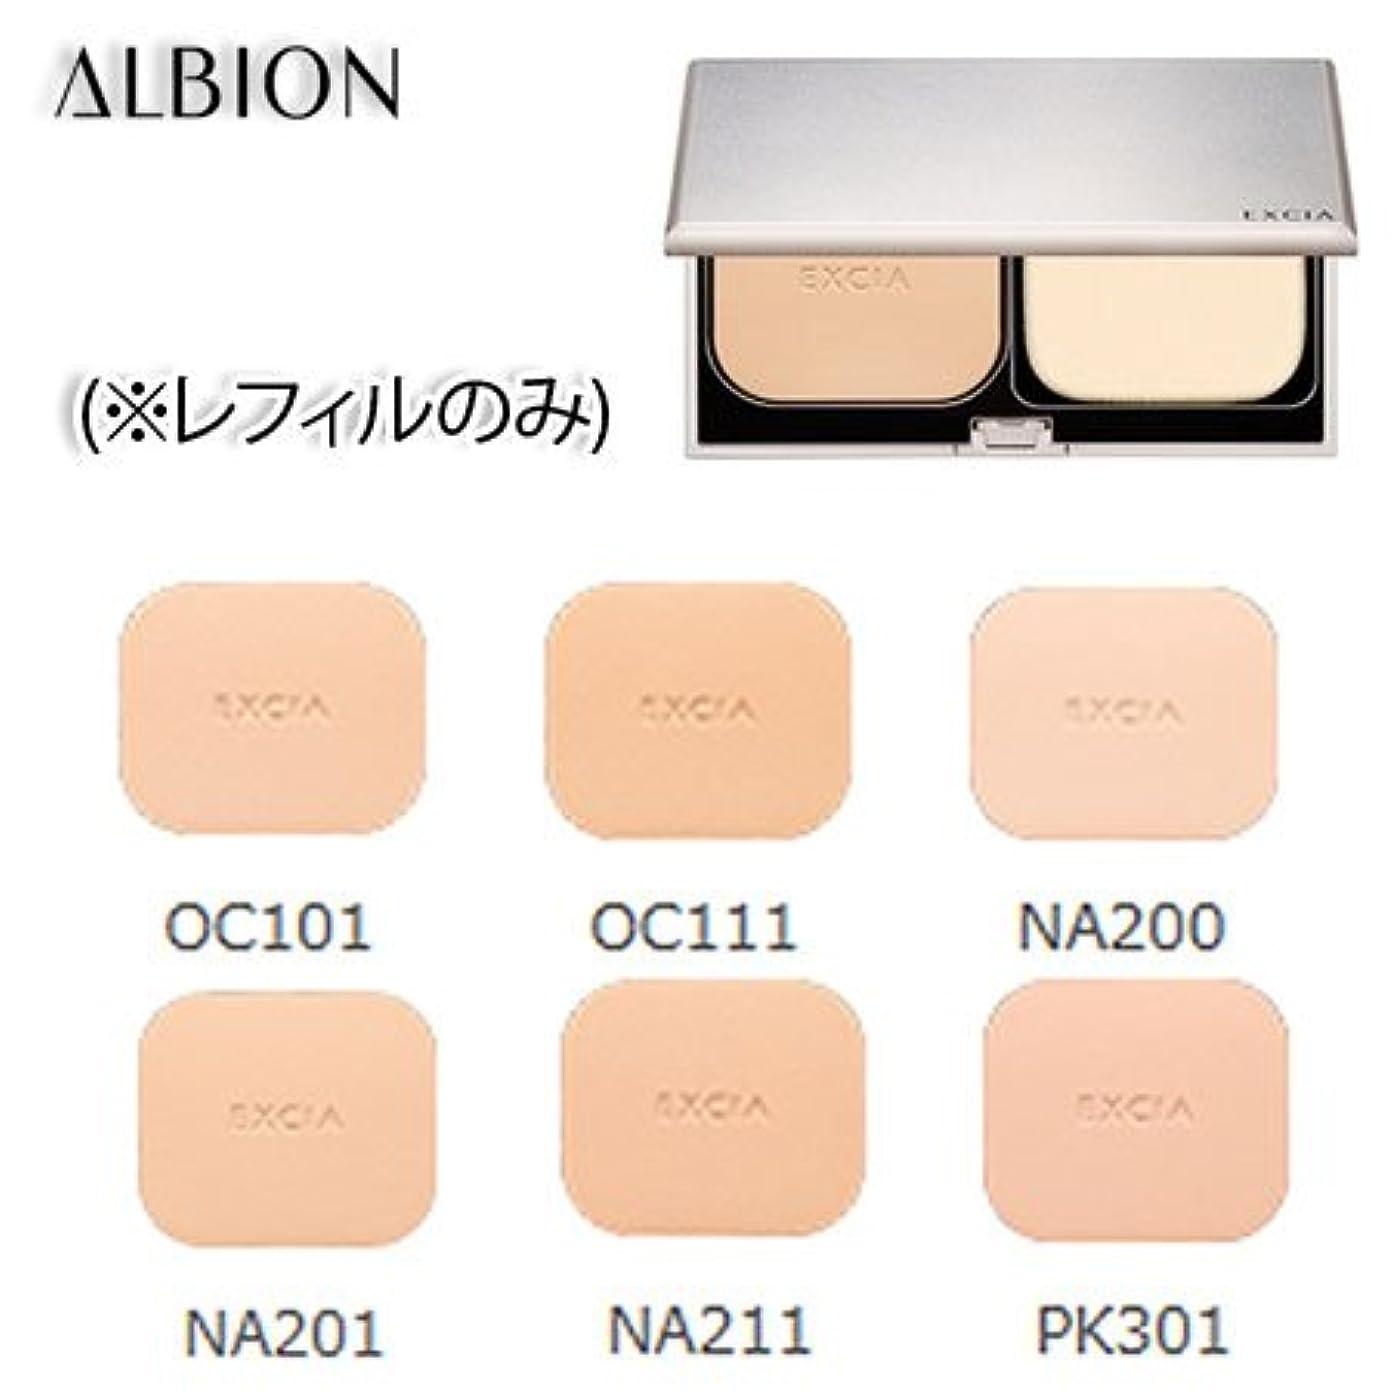 保証のど不愉快にアルビオン エクシア AL ホワイトプレミアムパウダー ファンデーション SPF30 PA+++ 11g 6色 (レフィルのみ) -ALBION- NA200